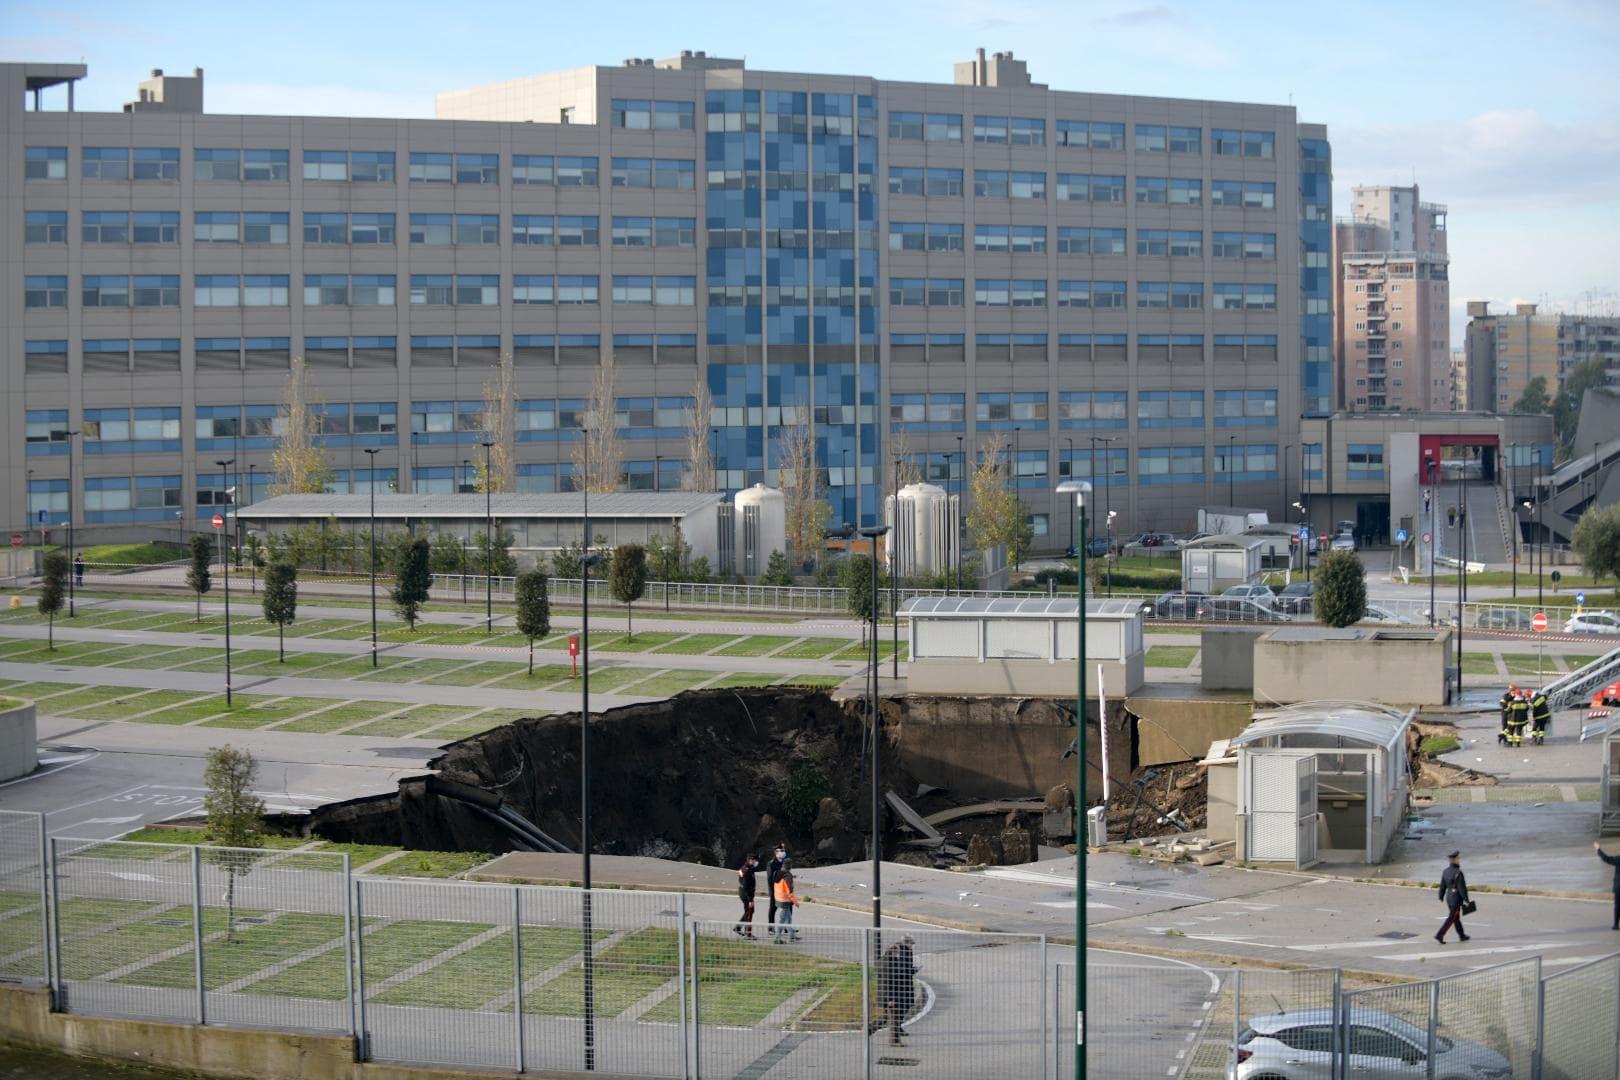 Krankenhaus-Parkplatz in Neapel eingestürzt Süditalien